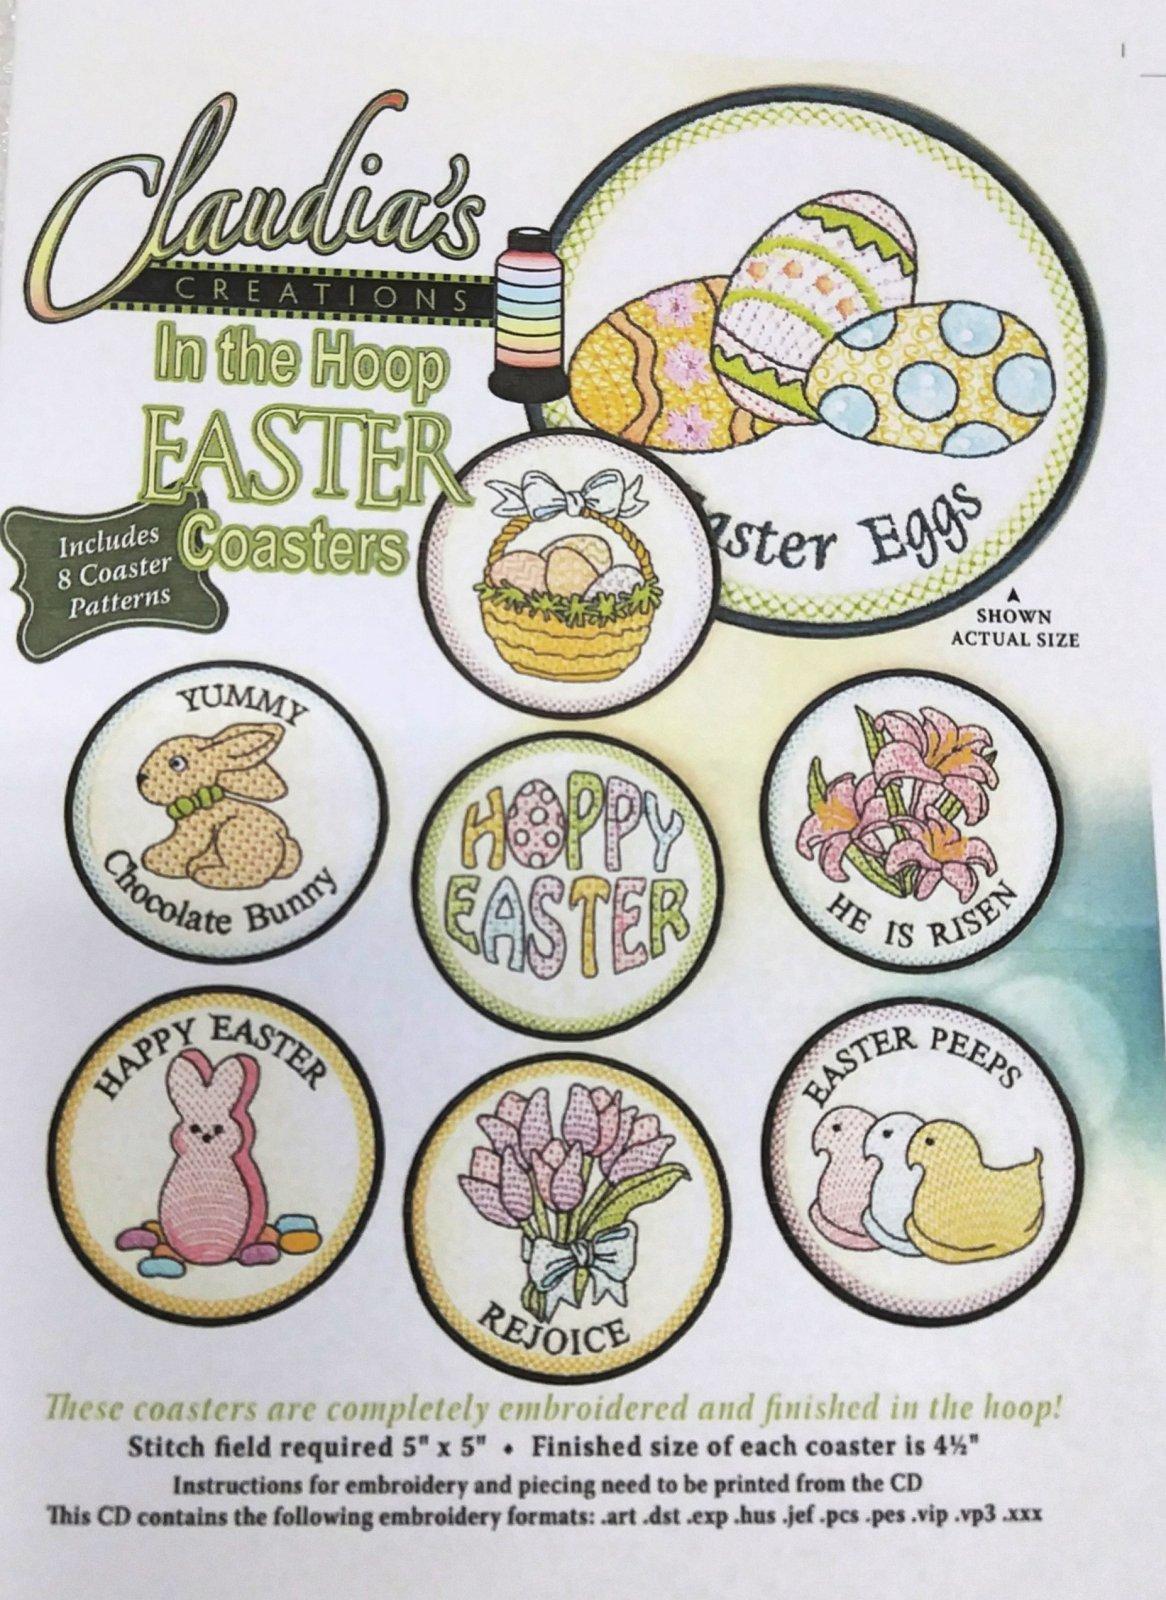 In The Hoop Easter Coasters